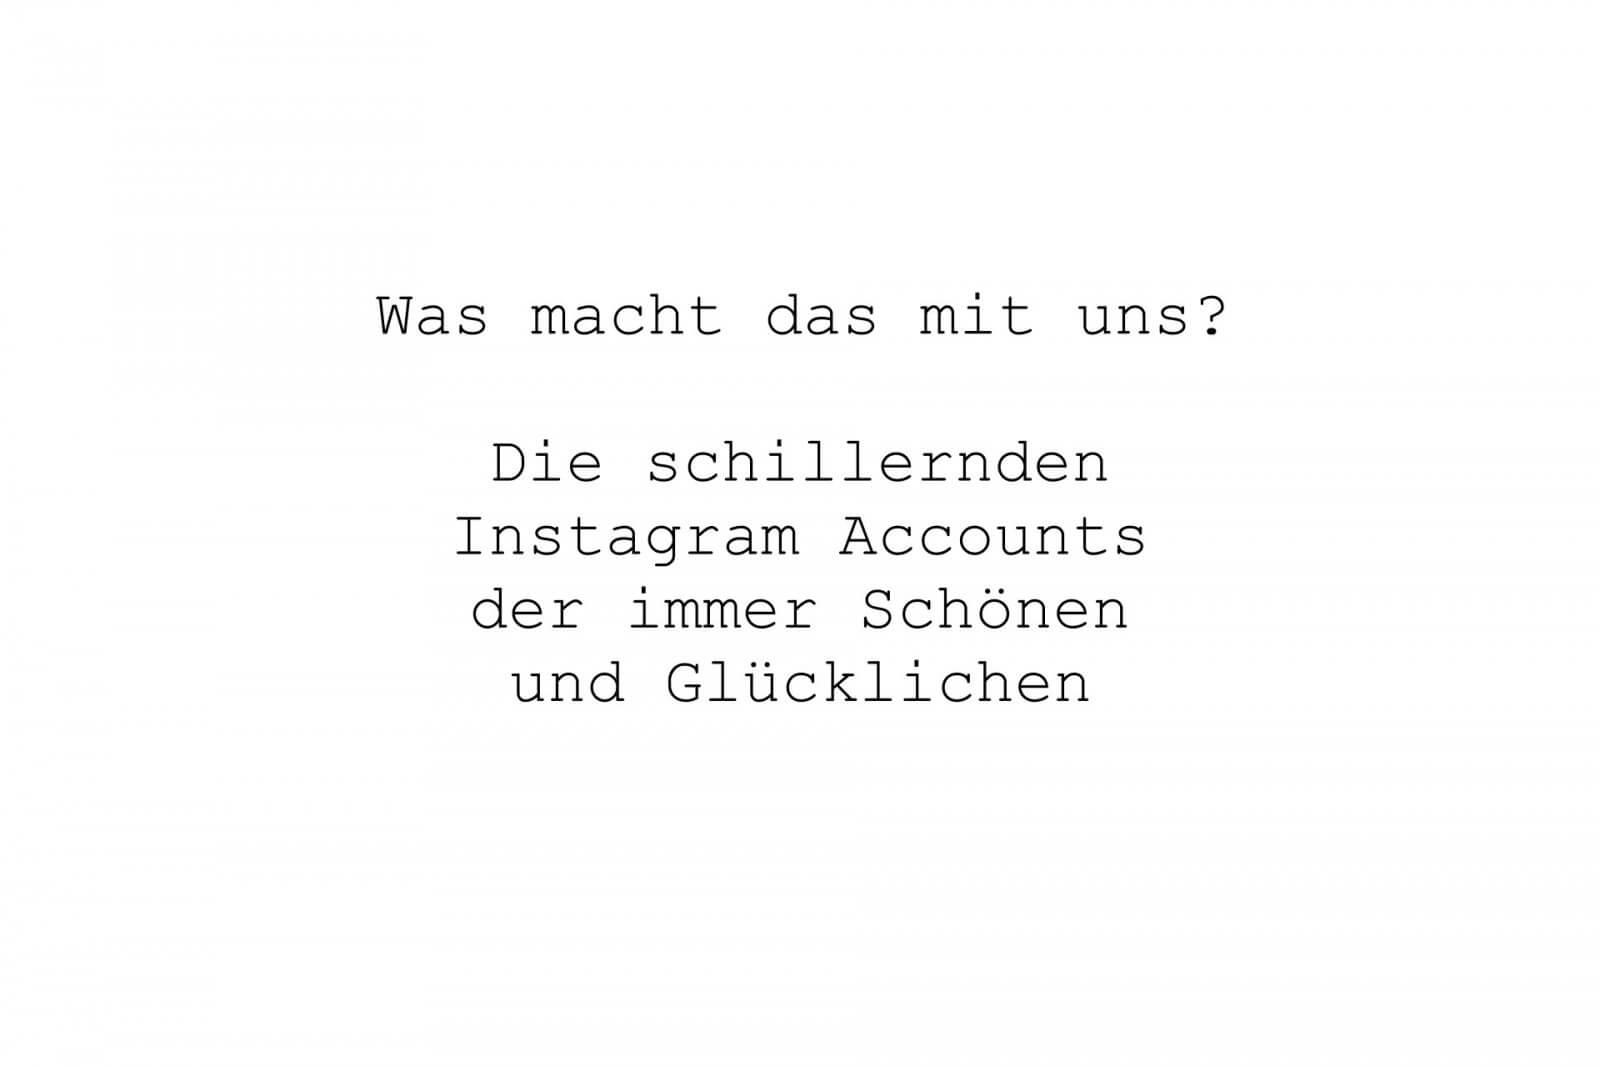 Was macht das mit uns? Die schillernden Instagram Accounts der immer Schönen und Glücklichen